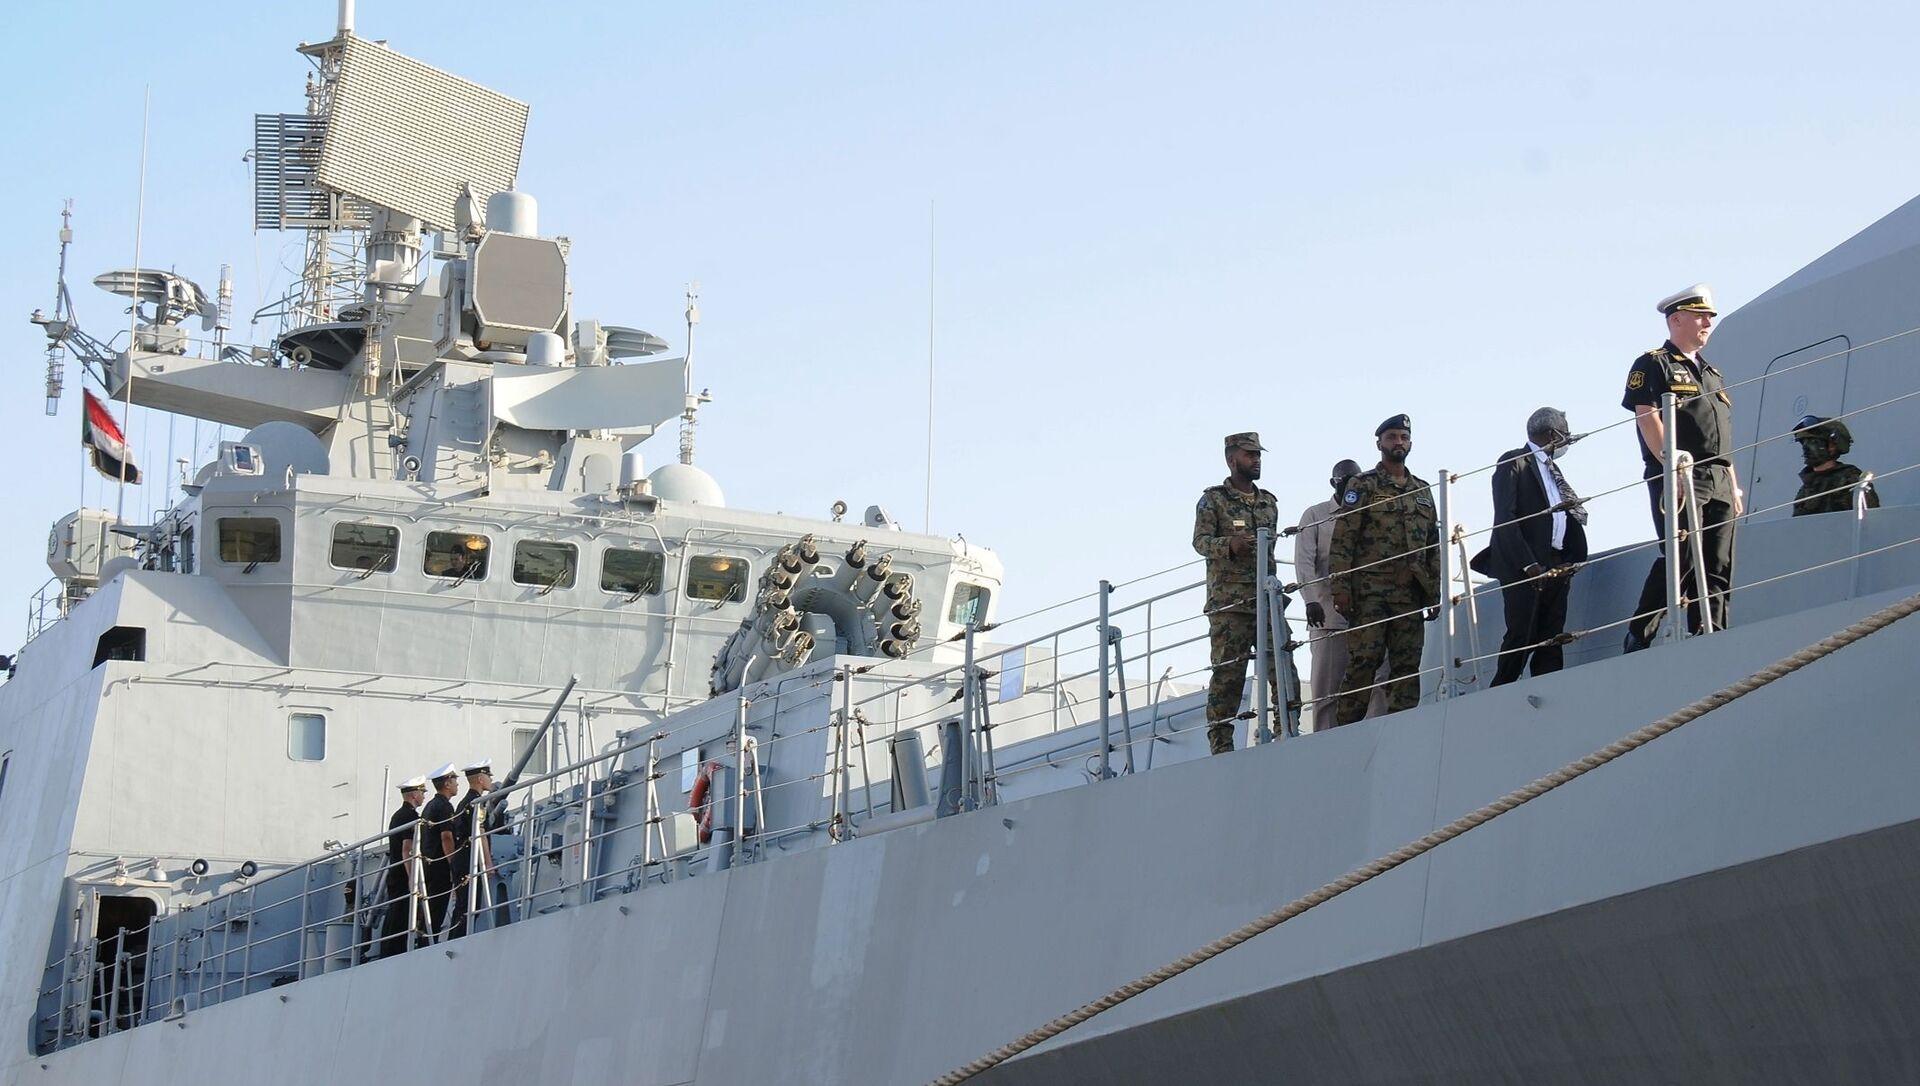 La frégate russe Amiral Grigorovitch est entrée à Port-Soudan, une première dans l'histoire moderne de la Russie - Sputnik France, 1920, 28.02.2021